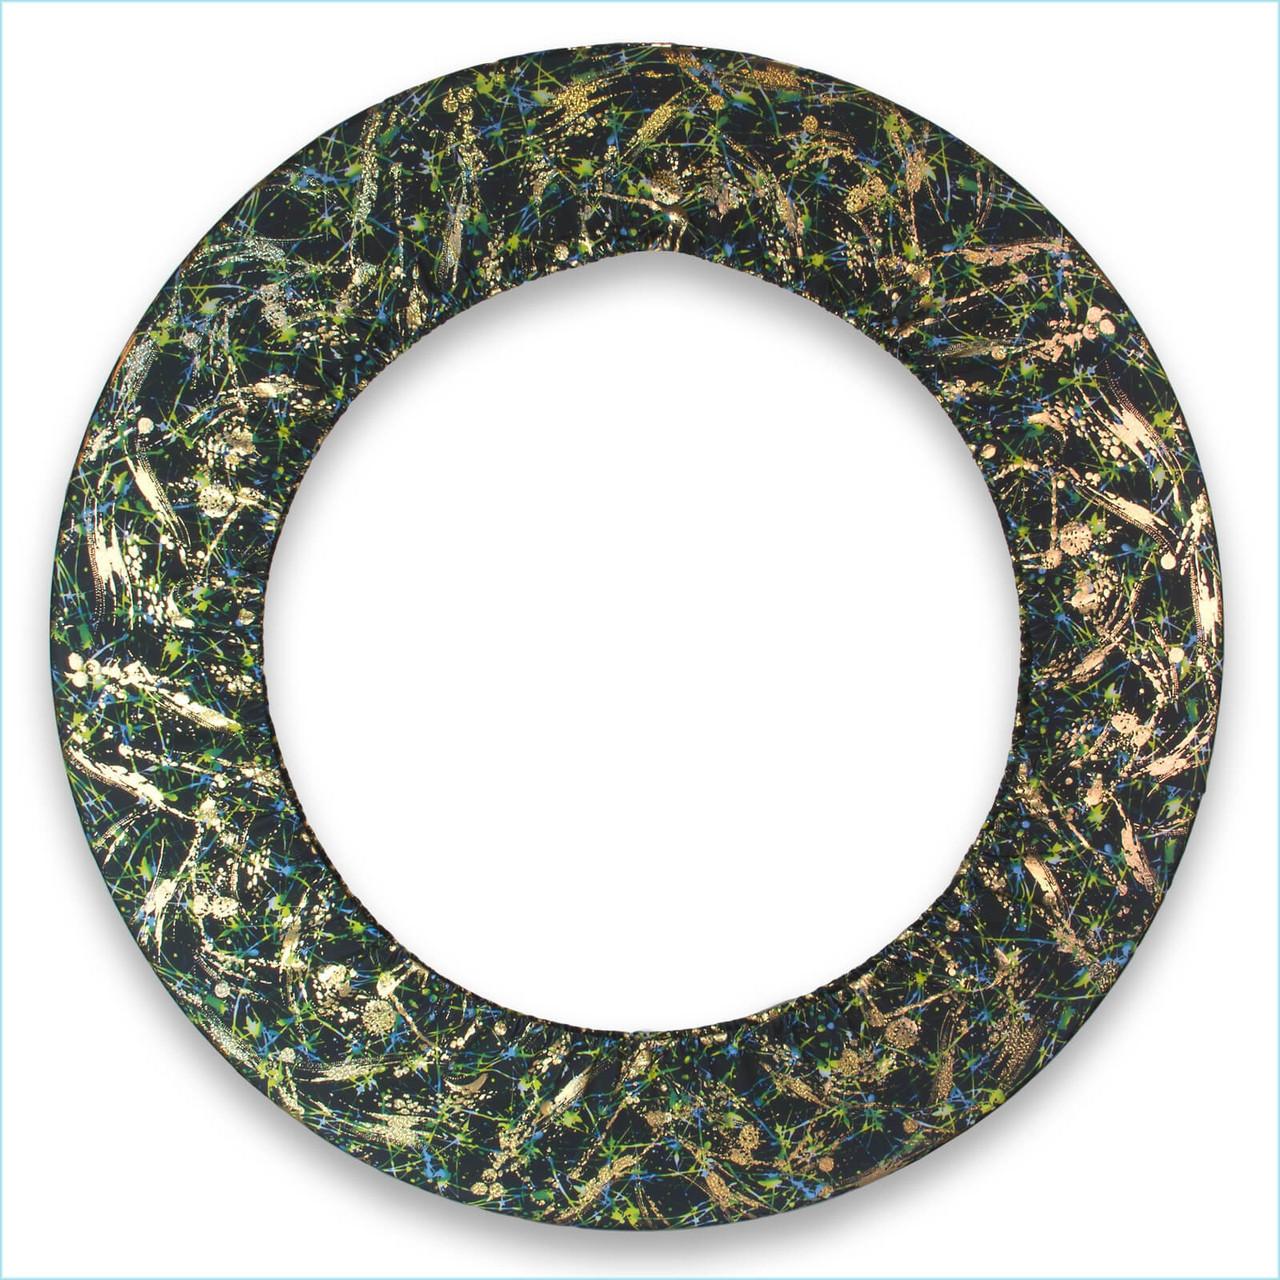 Чехол для обруча Chacott ORIGINAL HOOP CASE / 536.Leafe Green / 80-90 см.